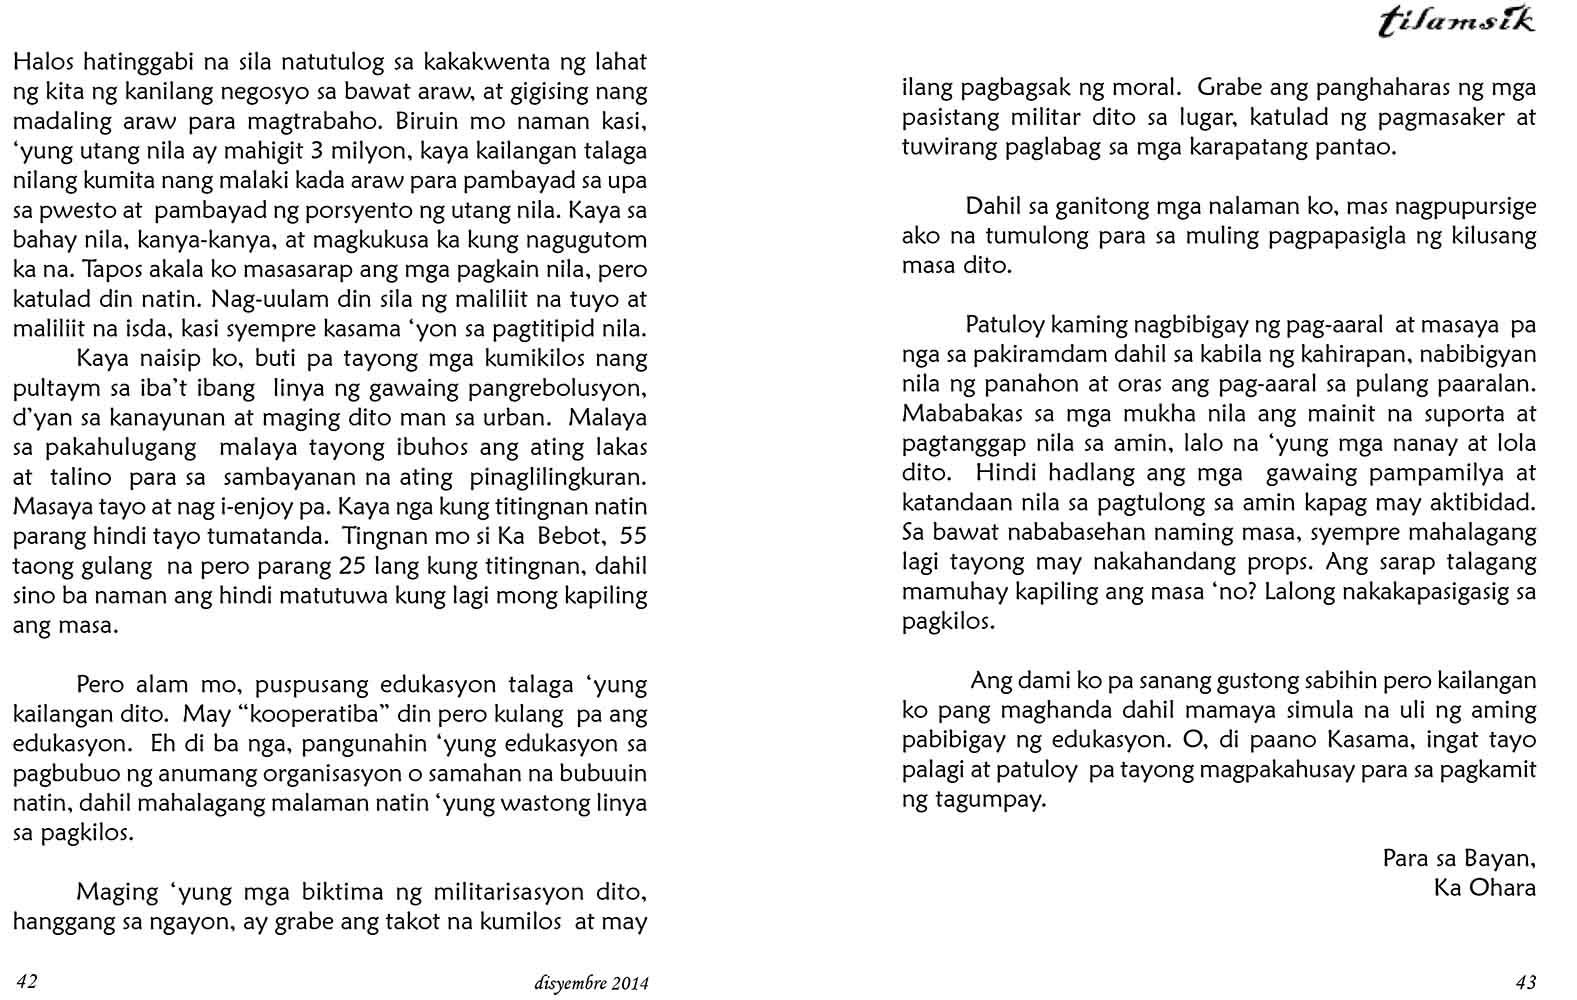 tilamsik, revolutionary cultural website of Camarines Norte